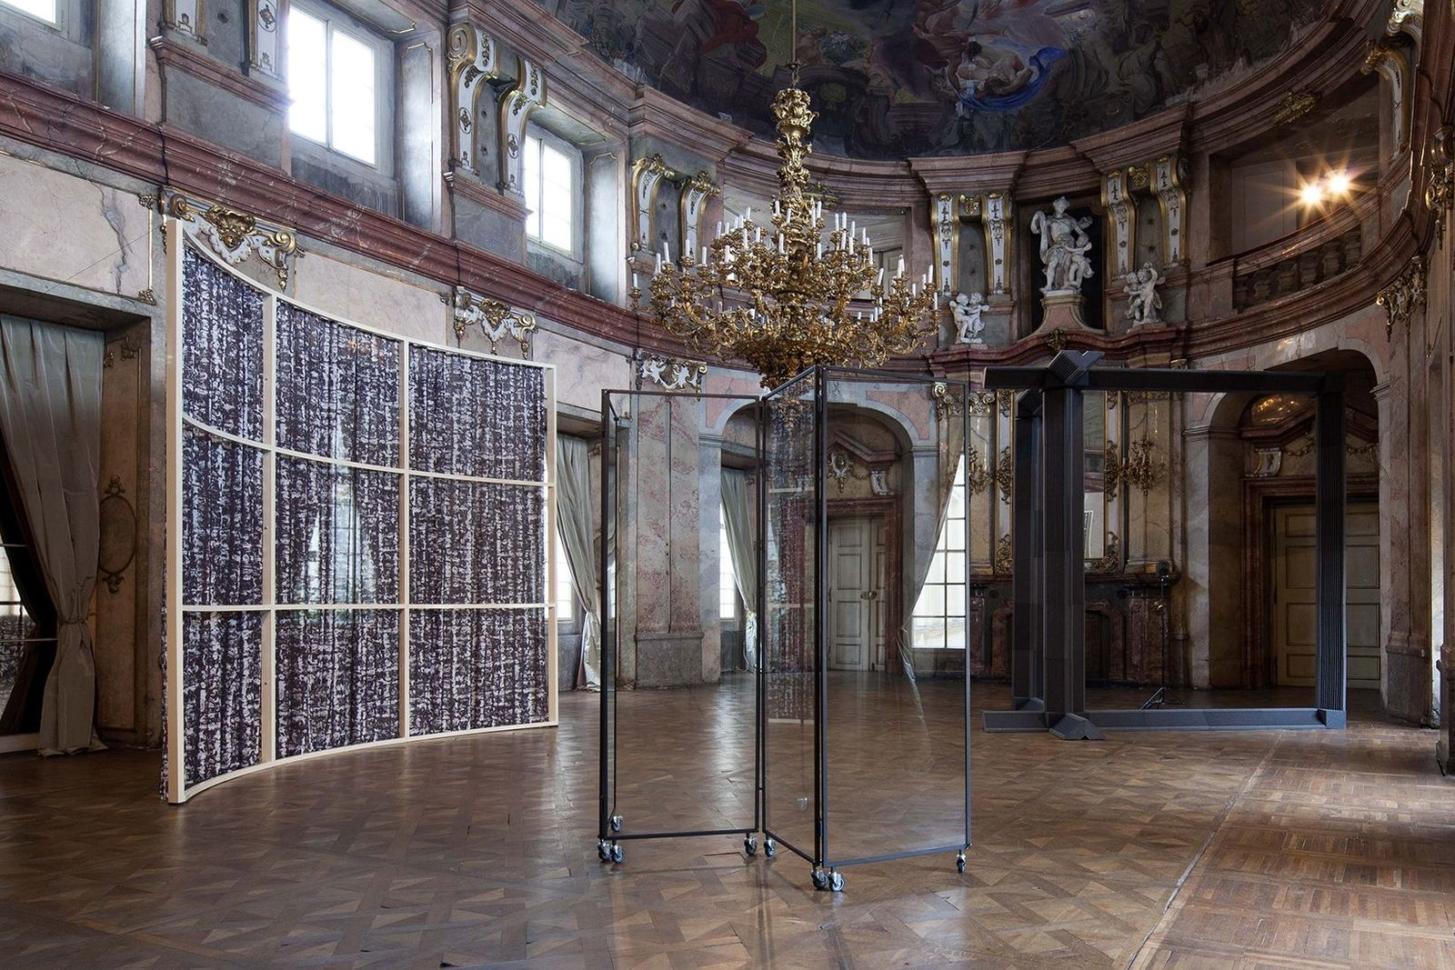 pohled do výstavy Roman Štětina: Předmluva, Colloredo-Mansfeldský palác, 2018. Foto Tomáš Souček